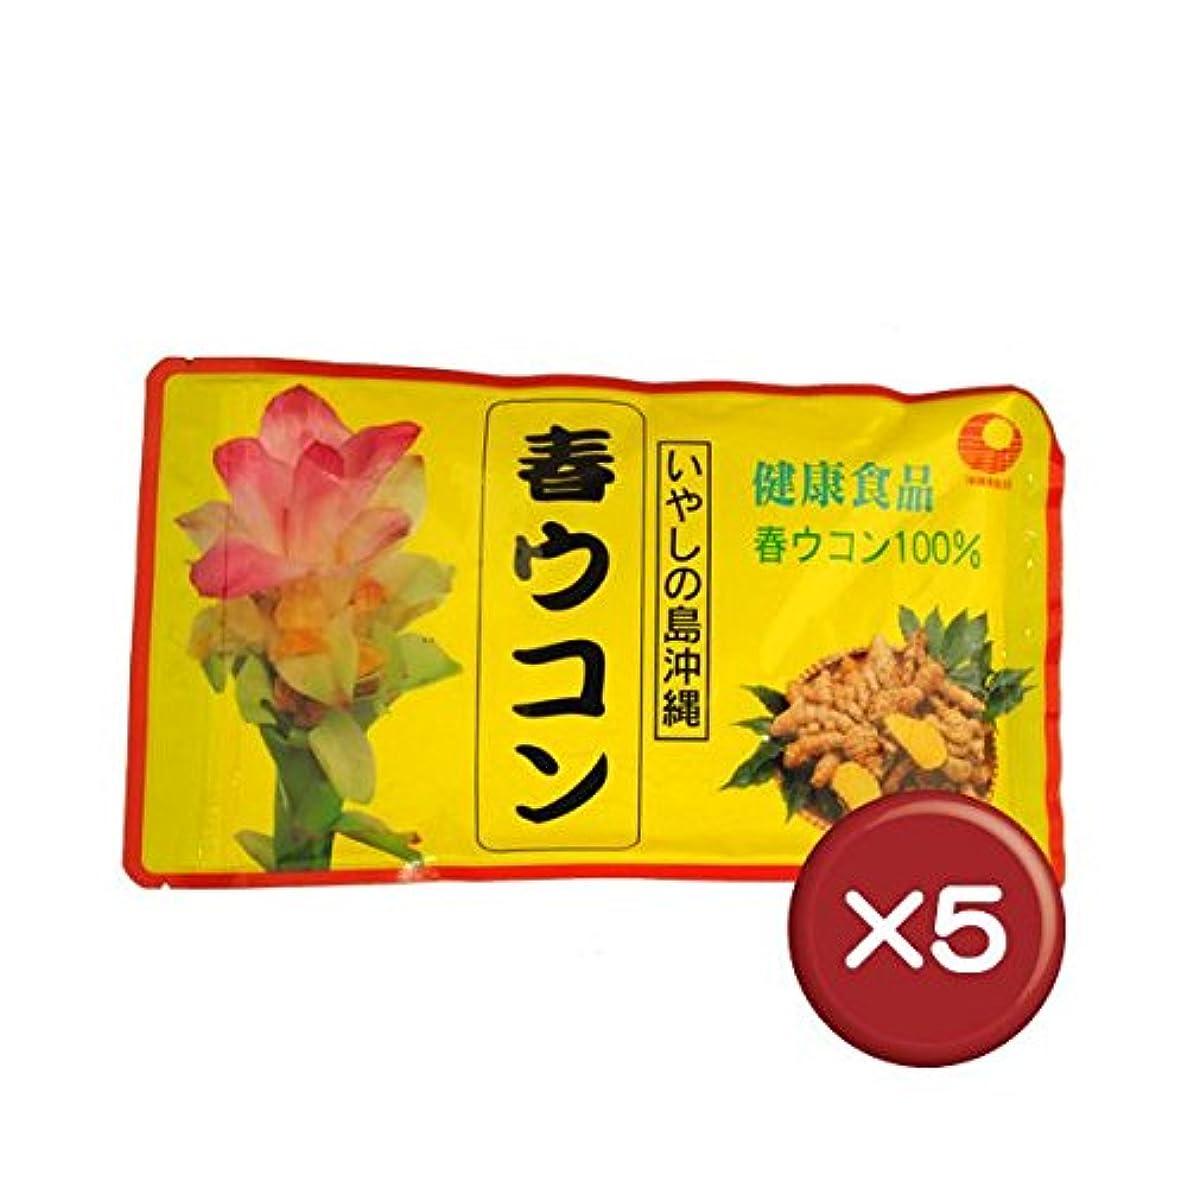 浸す評論家援助比嘉製茶 春ウコン粉(袋入) 100g 5袋セット